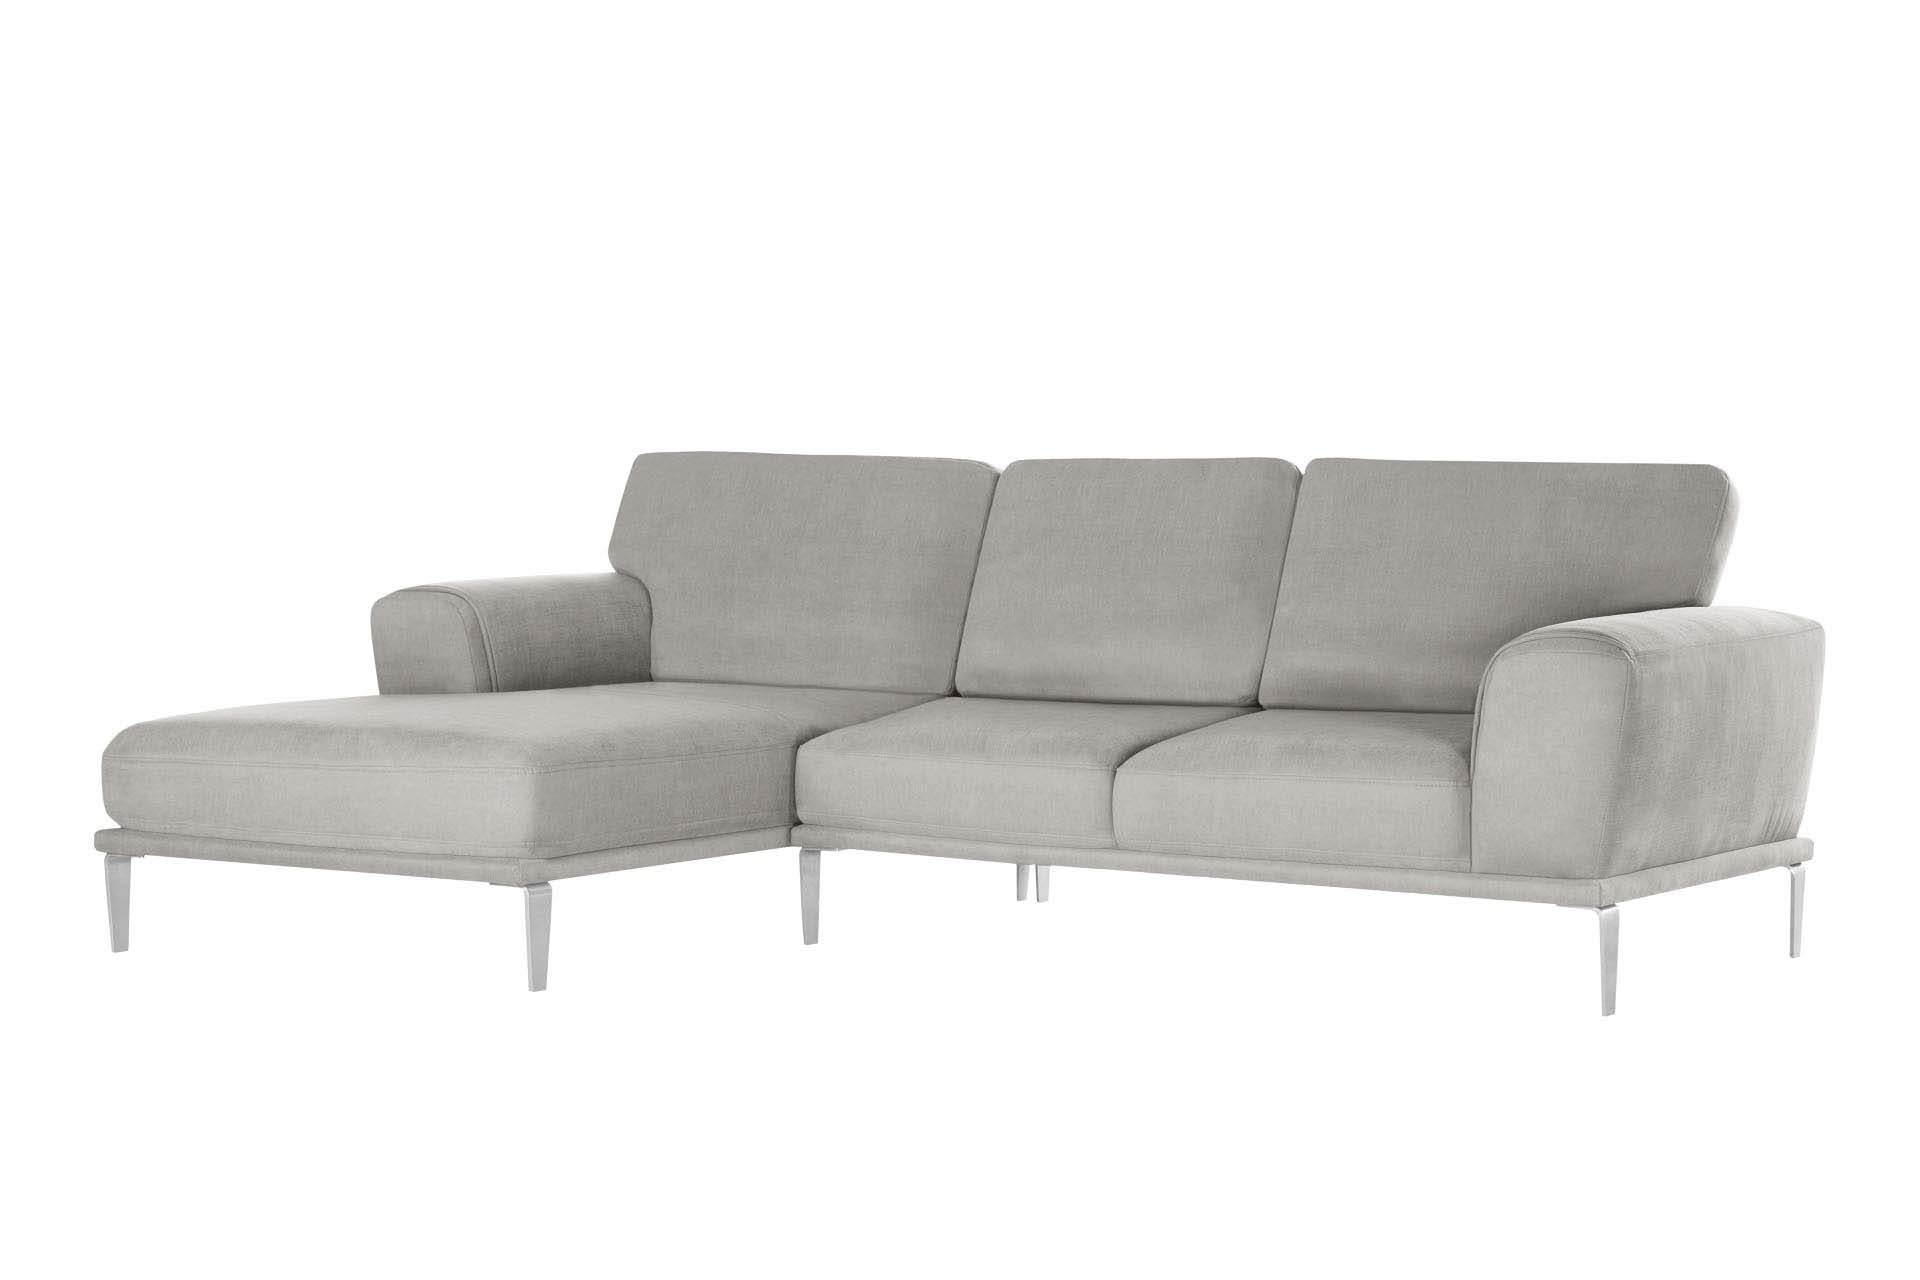 Canapé d'angle 5 places Gris Luxe Design